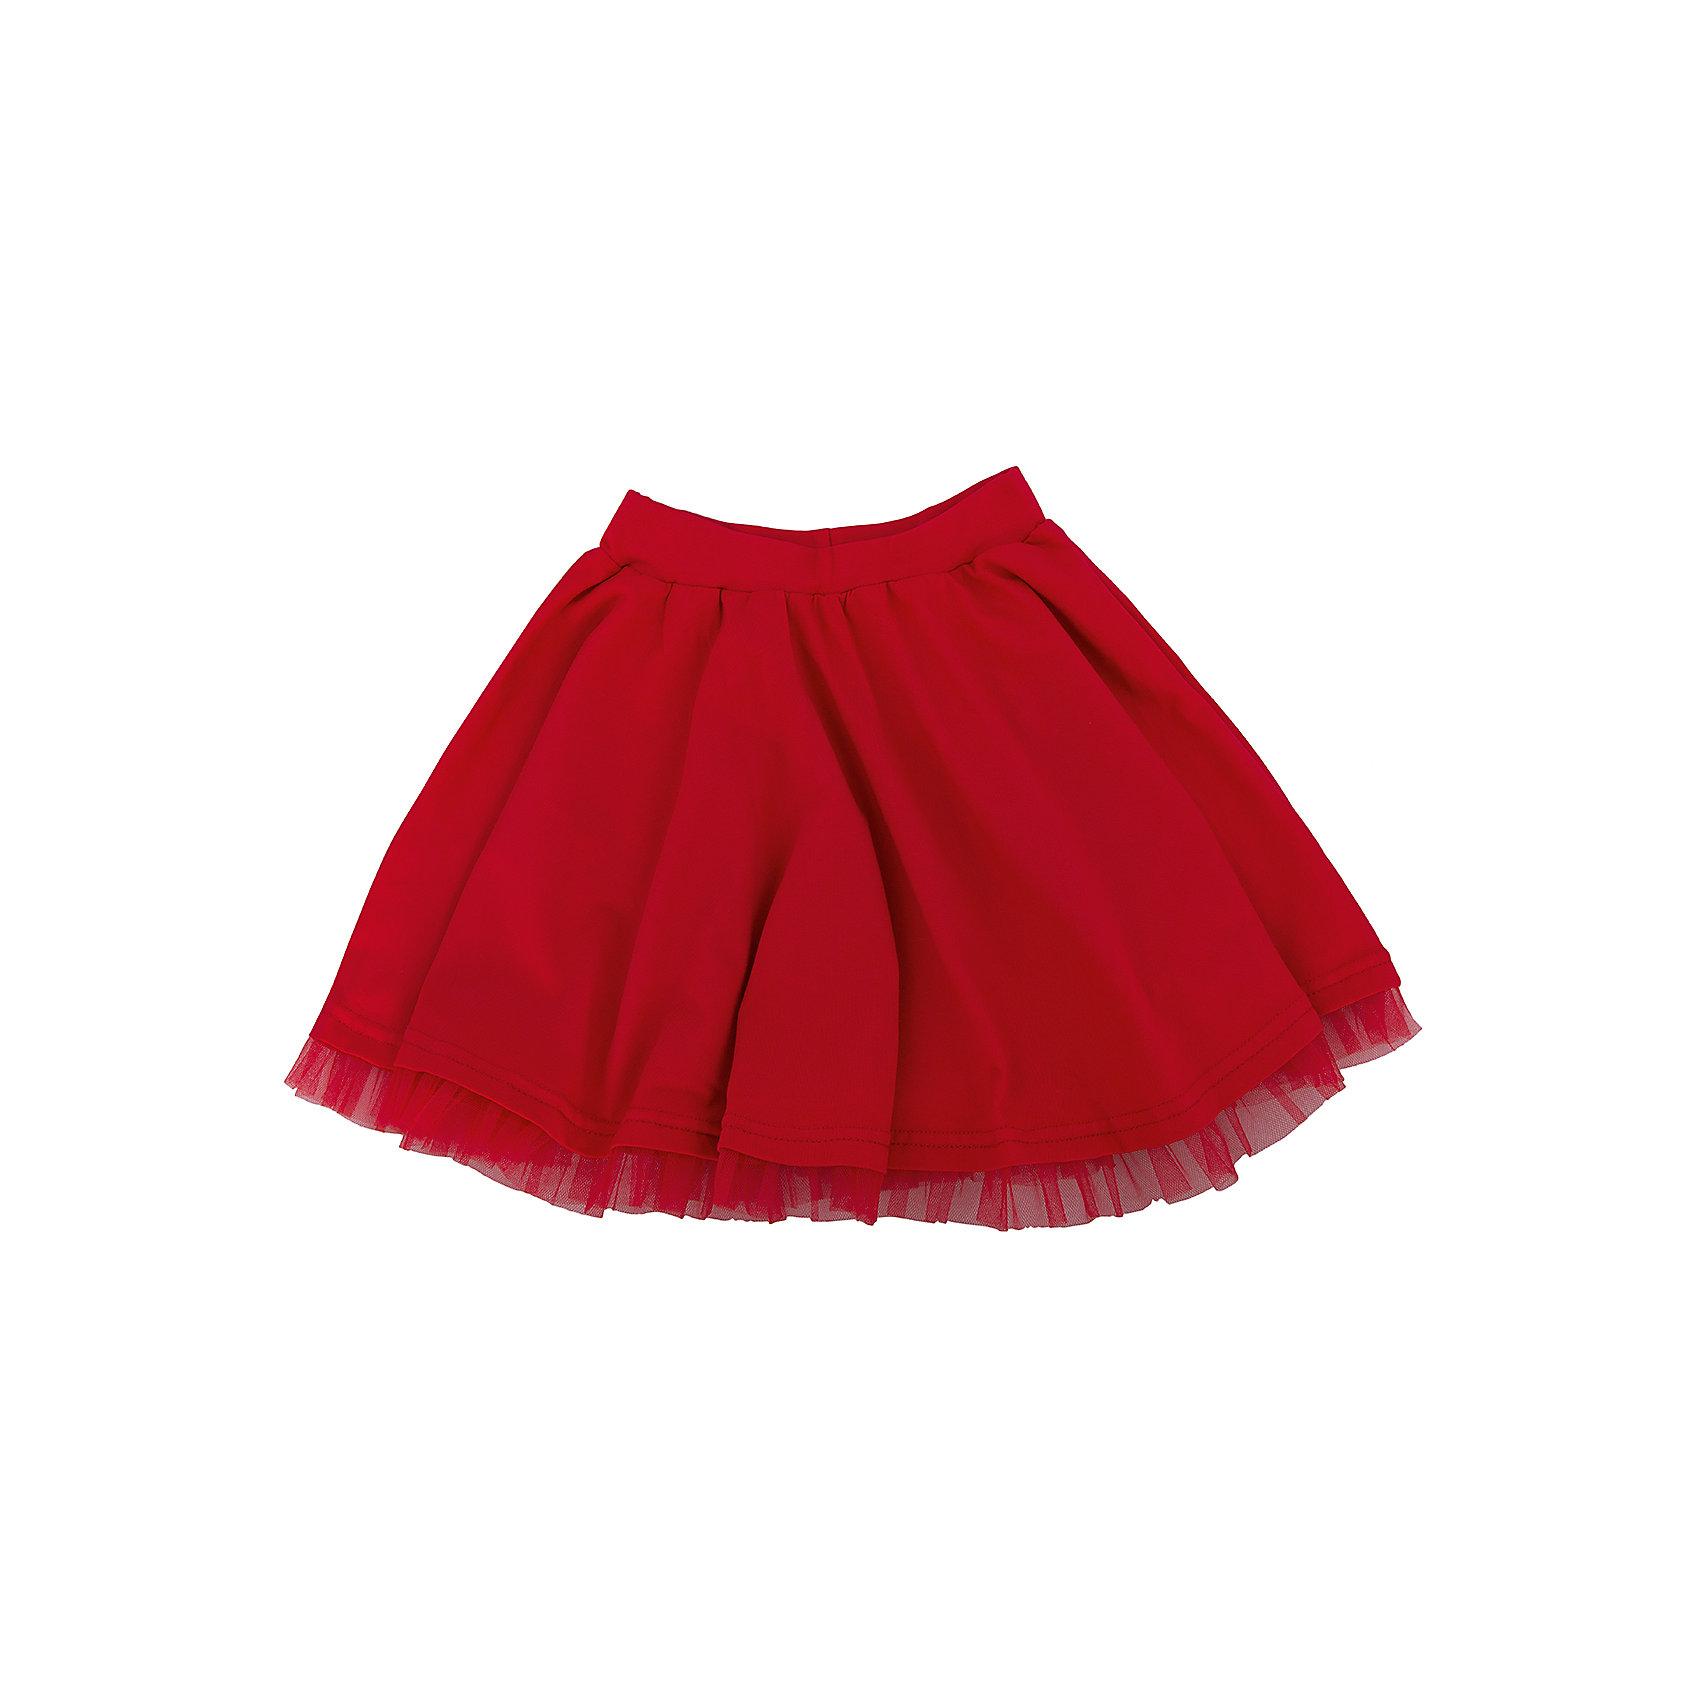 Юбка АпрельЮбки<br>Прекрасная летняя юбочка для девочки. Юбка для девочки  из коллекции Маки от торговой марки Апрель , состоит из экологически чистых материалов. Приятная на ощупь ткань исключит риск возникновения аллергии или раздражения при соприкосновении с нежной детской кожей. Простота в уходе делает изделие отличным вариантом для повседневного гардероба ребёнка. Дети очень активны и подвижны, а благодаря современным лекалам, используемым при производстве модели, Ваше чадо будет свободно двигаться и принимать активное участие в играх. Новейшее оборудование на производстве обеспечивает надёжность шва и длительный срок службы одежды.<br><br>Дополнительная информация: <br><br>- цвет: красный<br>- состав: хлопок 95%,лайкра 5%<br>- фактура материала: трикотажный<br>- тип карманов: без карманов<br>- по назначению: повседневный стиль<br>- сезон: лето<br>- пол: девочки<br>- фирма-производитель: Апрель<br>- страна производитель: Россия<br>- комплектация: юбка<br><br>Юбку для девочки  из коллекции Маки от торговой марки Апрель можно купить в нашем интернет-магазине.<br><br>Ширина мм: 207<br>Глубина мм: 10<br>Высота мм: 189<br>Вес г: 183<br>Цвет: красный<br>Возраст от месяцев: 48<br>Возраст до месяцев: 60<br>Пол: Женский<br>Возраст: Детский<br>Размер: 110,146,134,140,122,128,116<br>SKU: 4630804